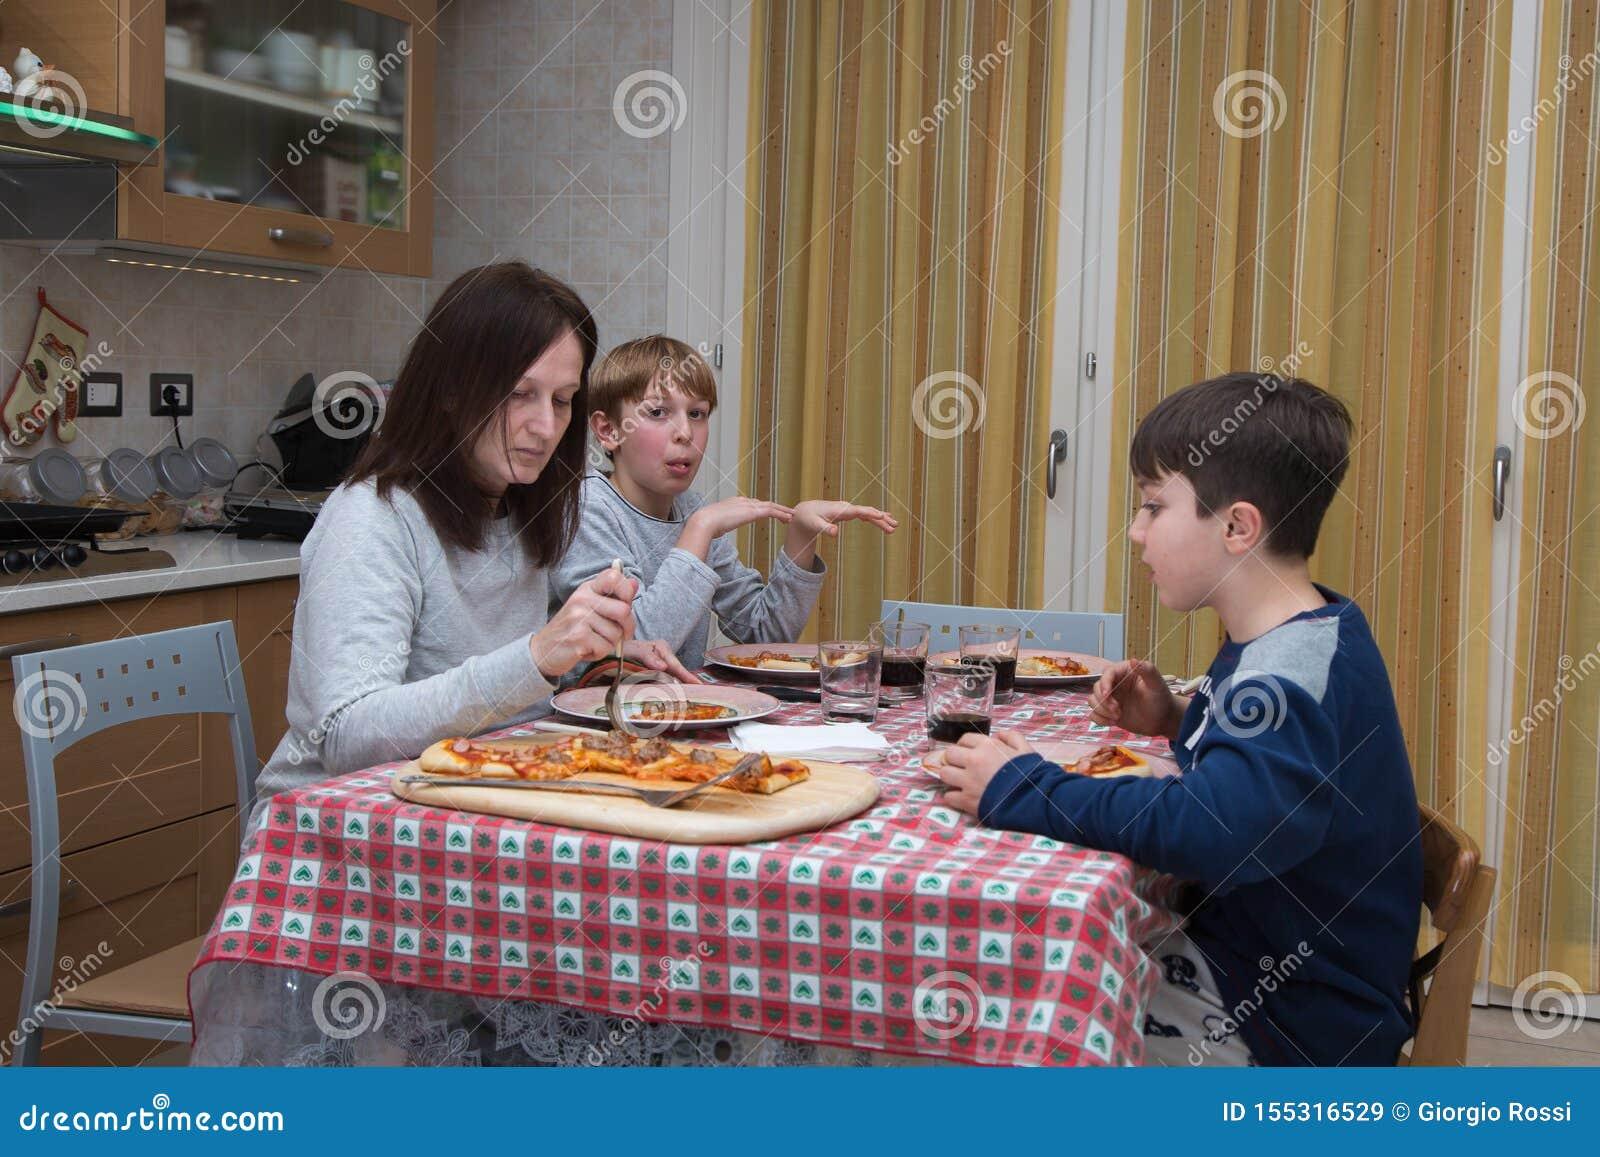 Famille De Quatre Personnes Mangeant De La Pizza Sur La Table De